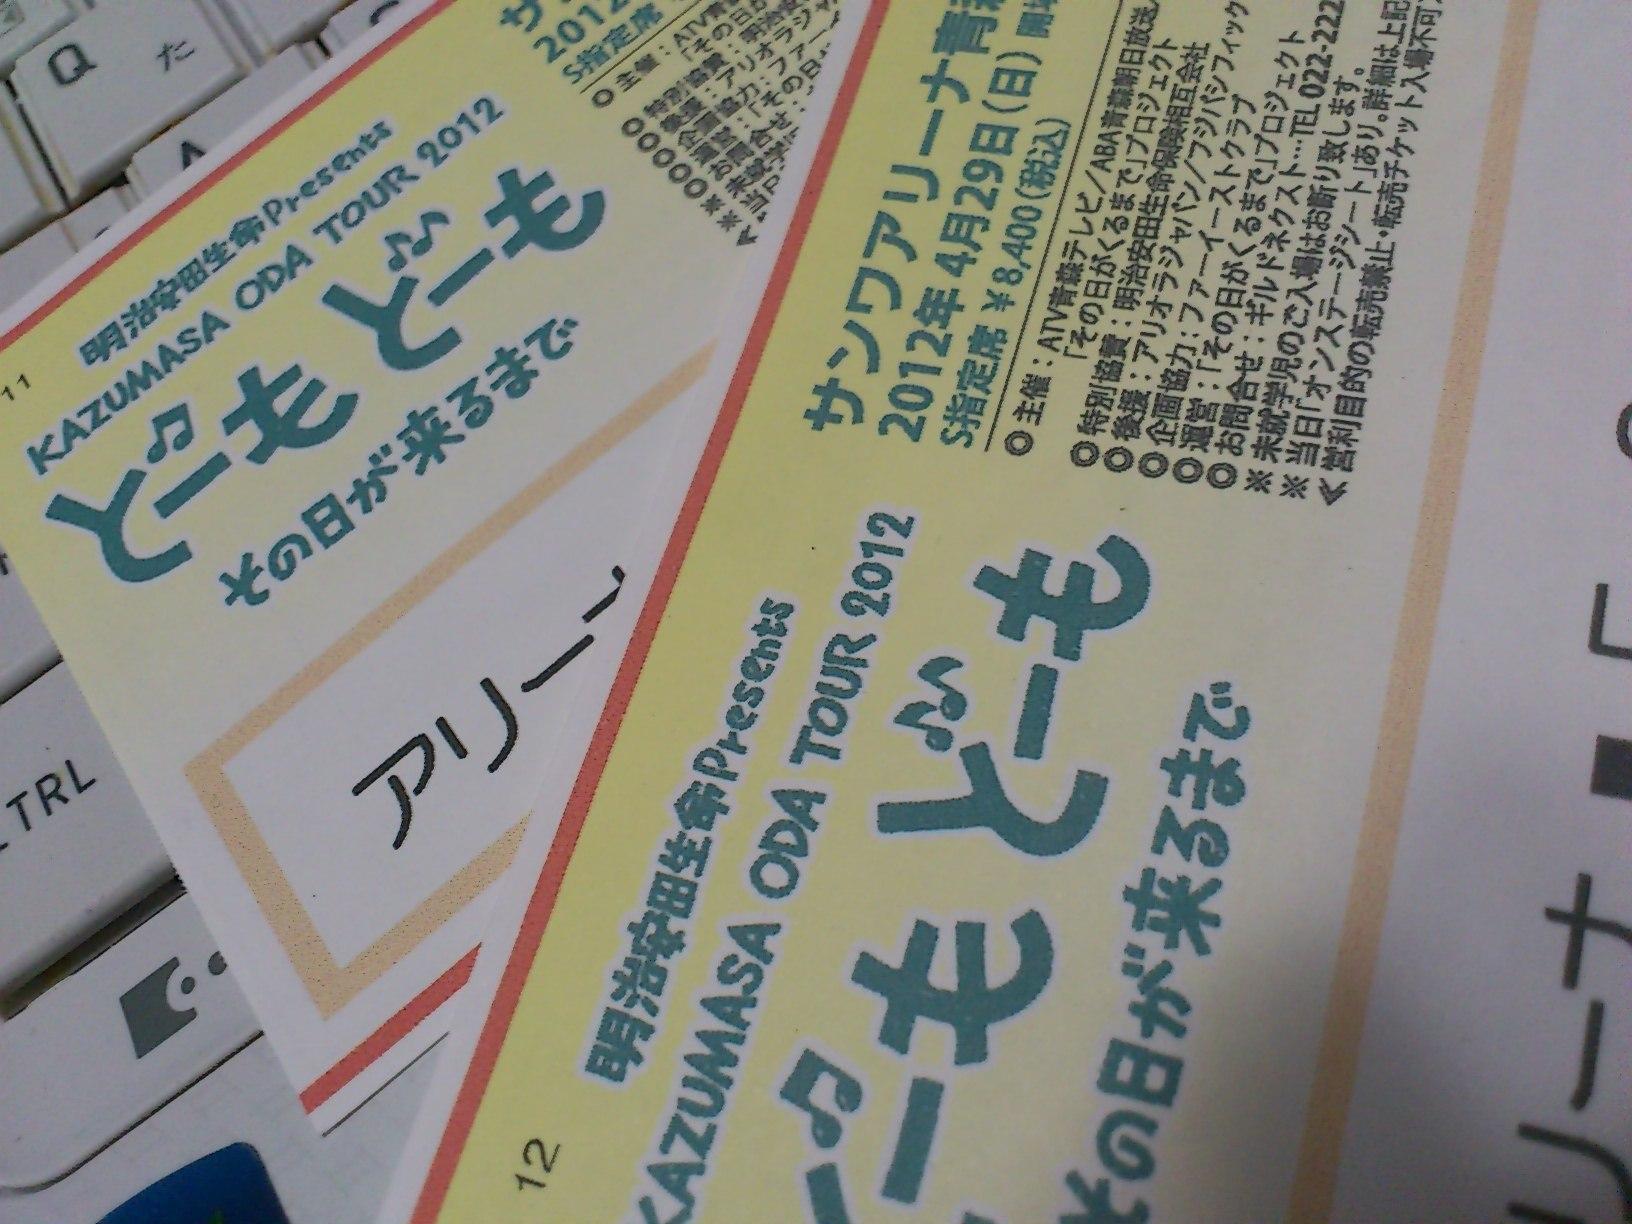 2012-05-01 21.49.56.jpg